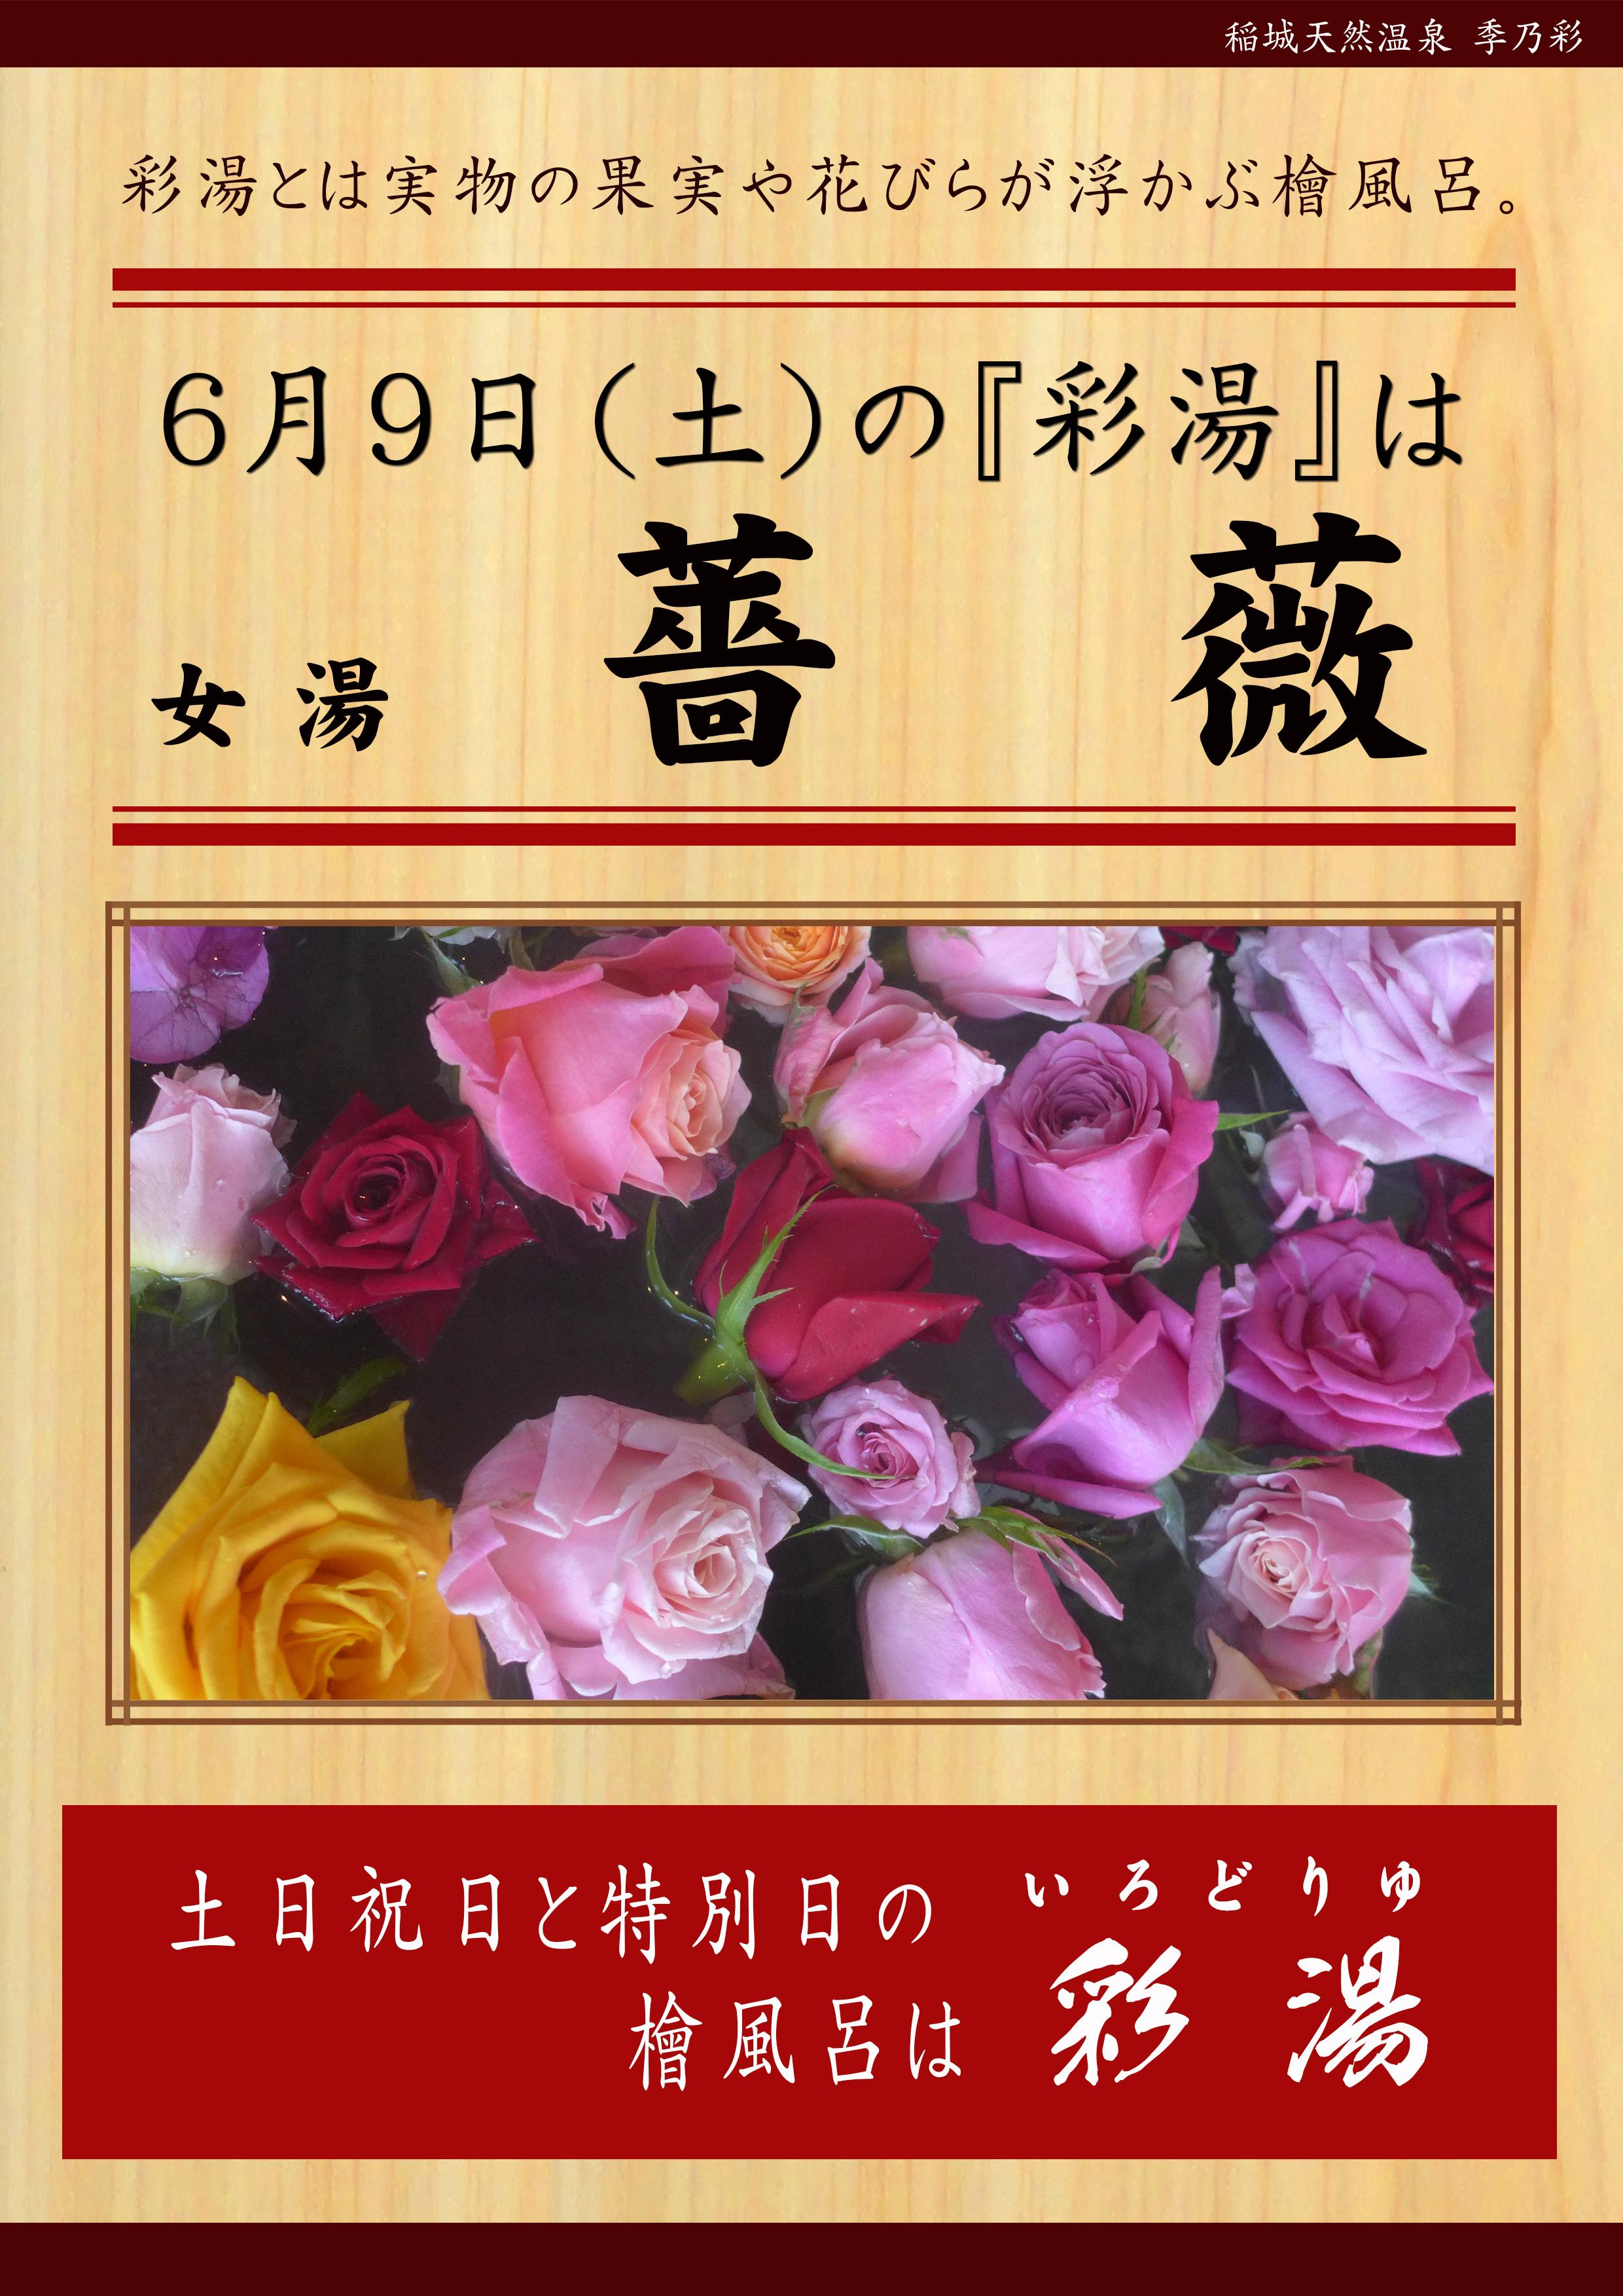 20180609POP イベント 彩湯 女湯 薔薇